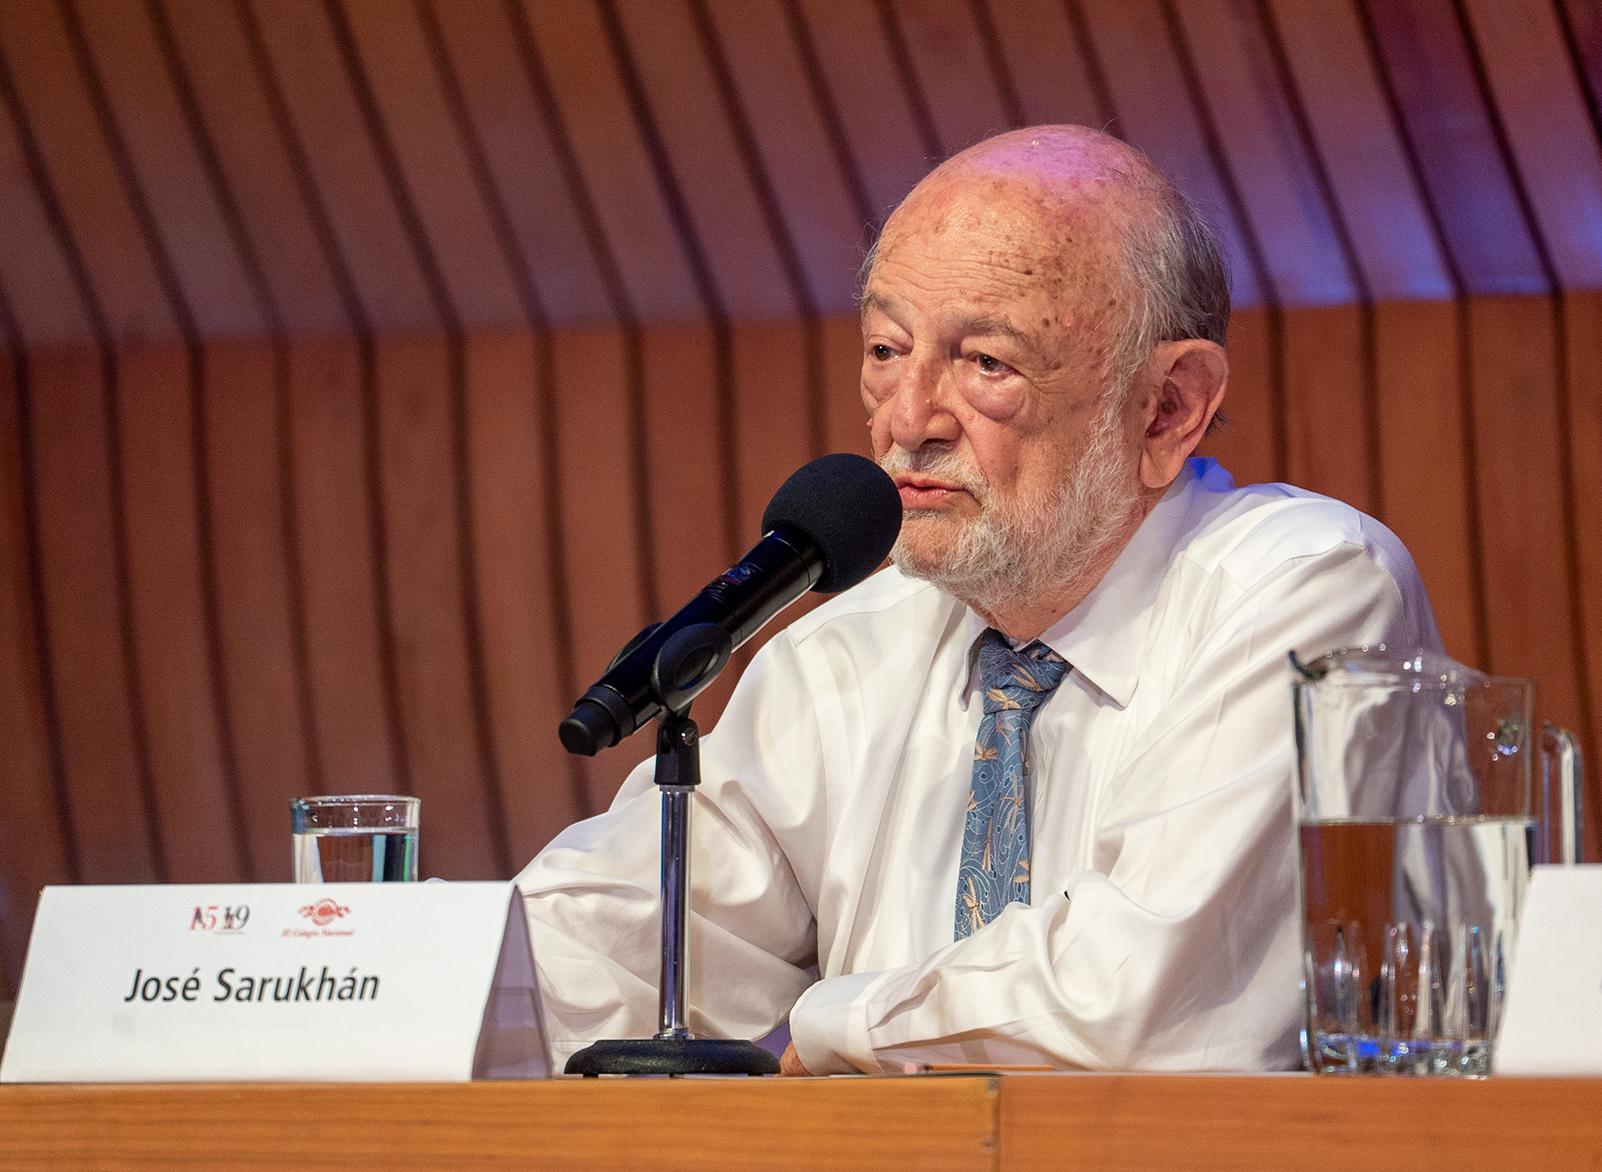 José Sarukhán Kermez, miembro de El Colegio Nacional y ex presidente de la Academia Mexicana de Ciencias.